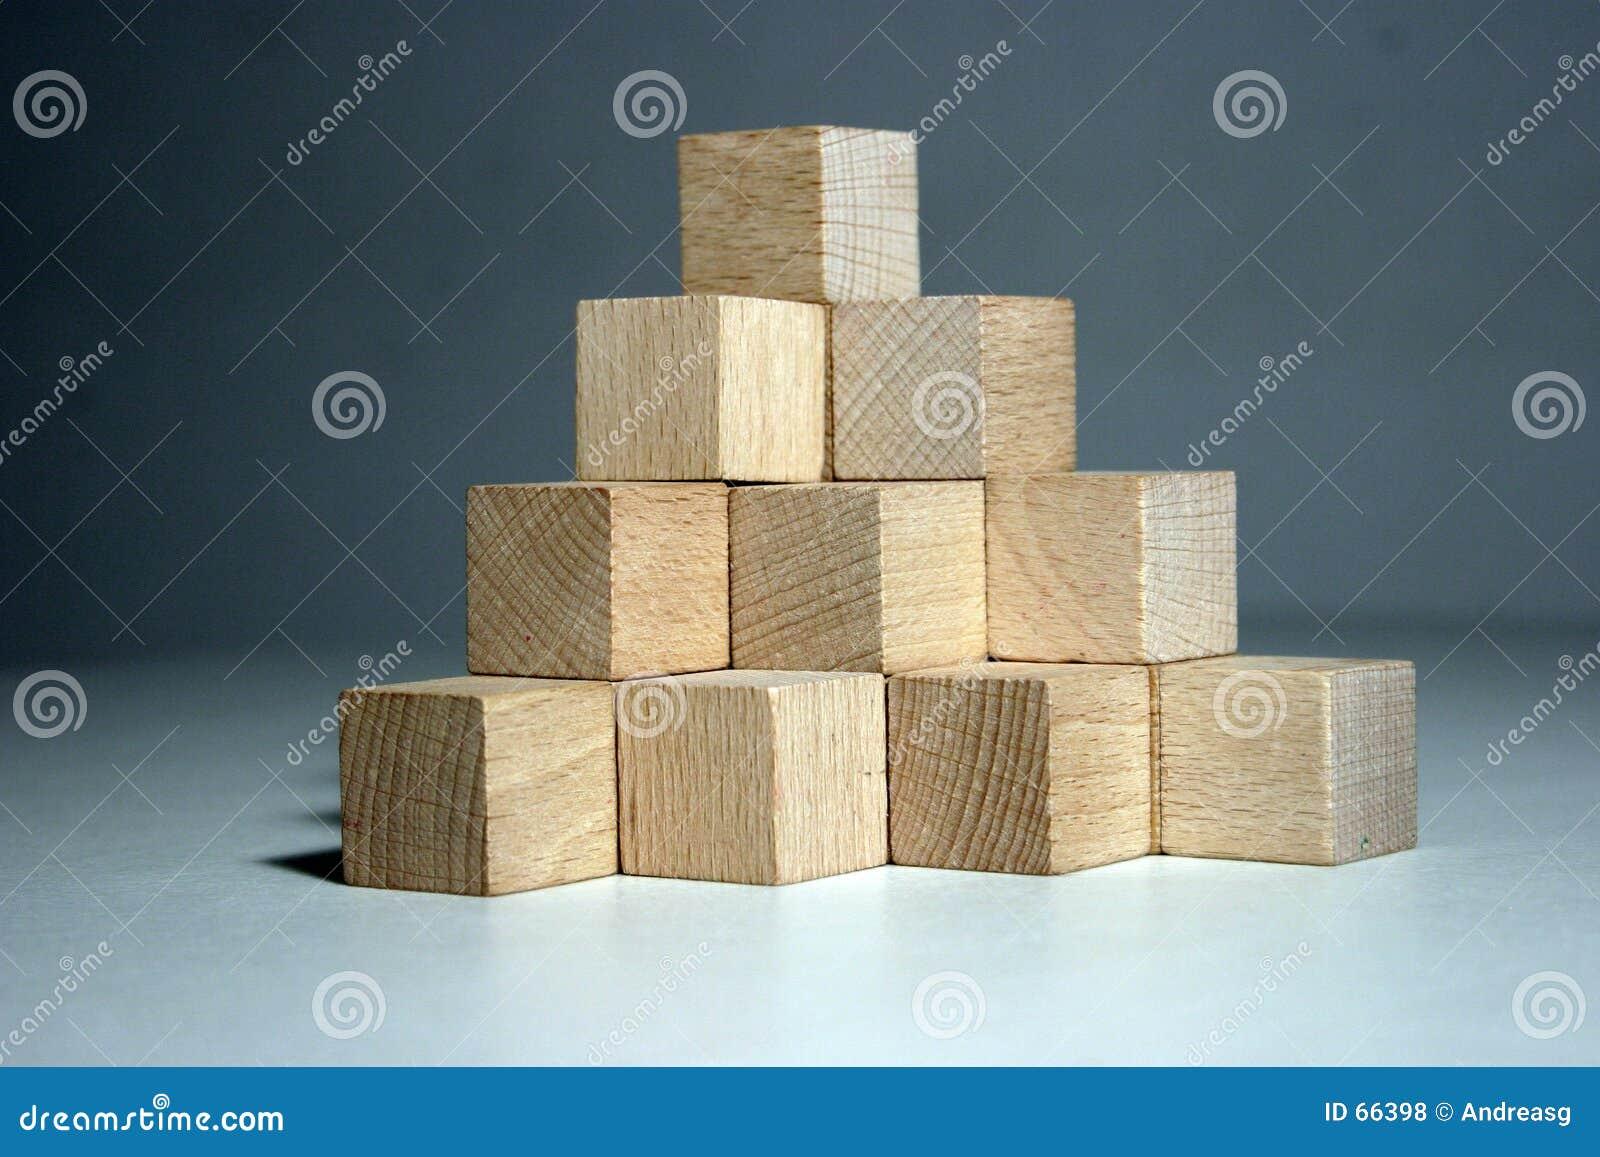 Blockpyramid